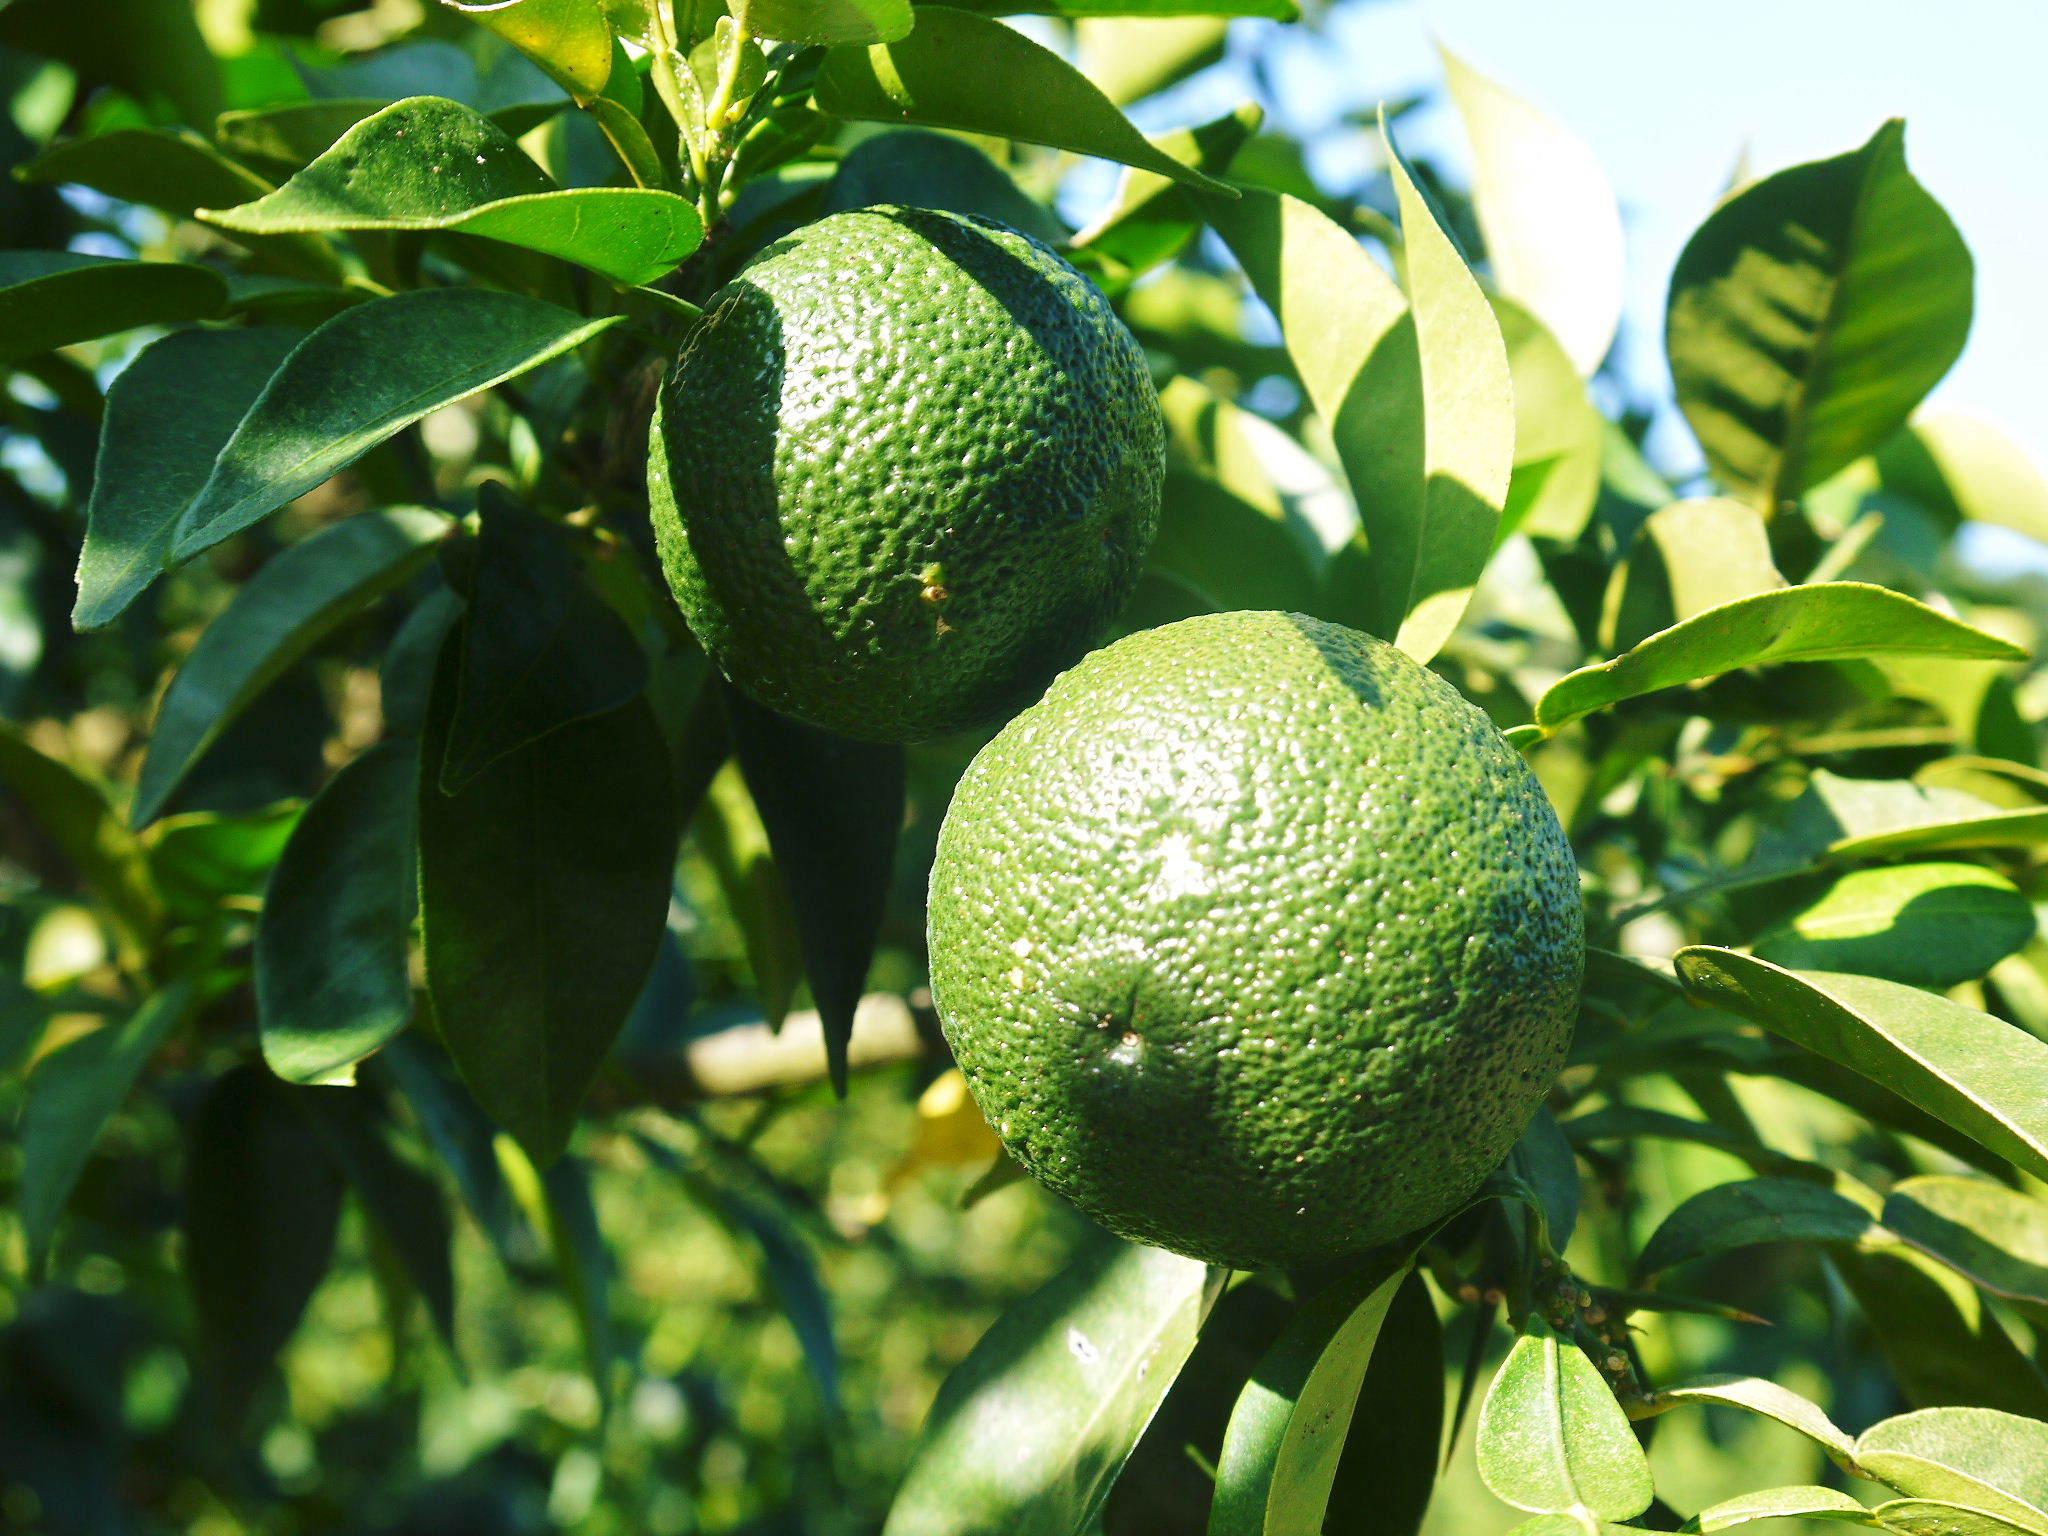 令和2年度の香り高き『青柚子』予約販売受付スタート!手作り「柚子こしょう」を作ってみませんか?_a0254656_17380175.jpg